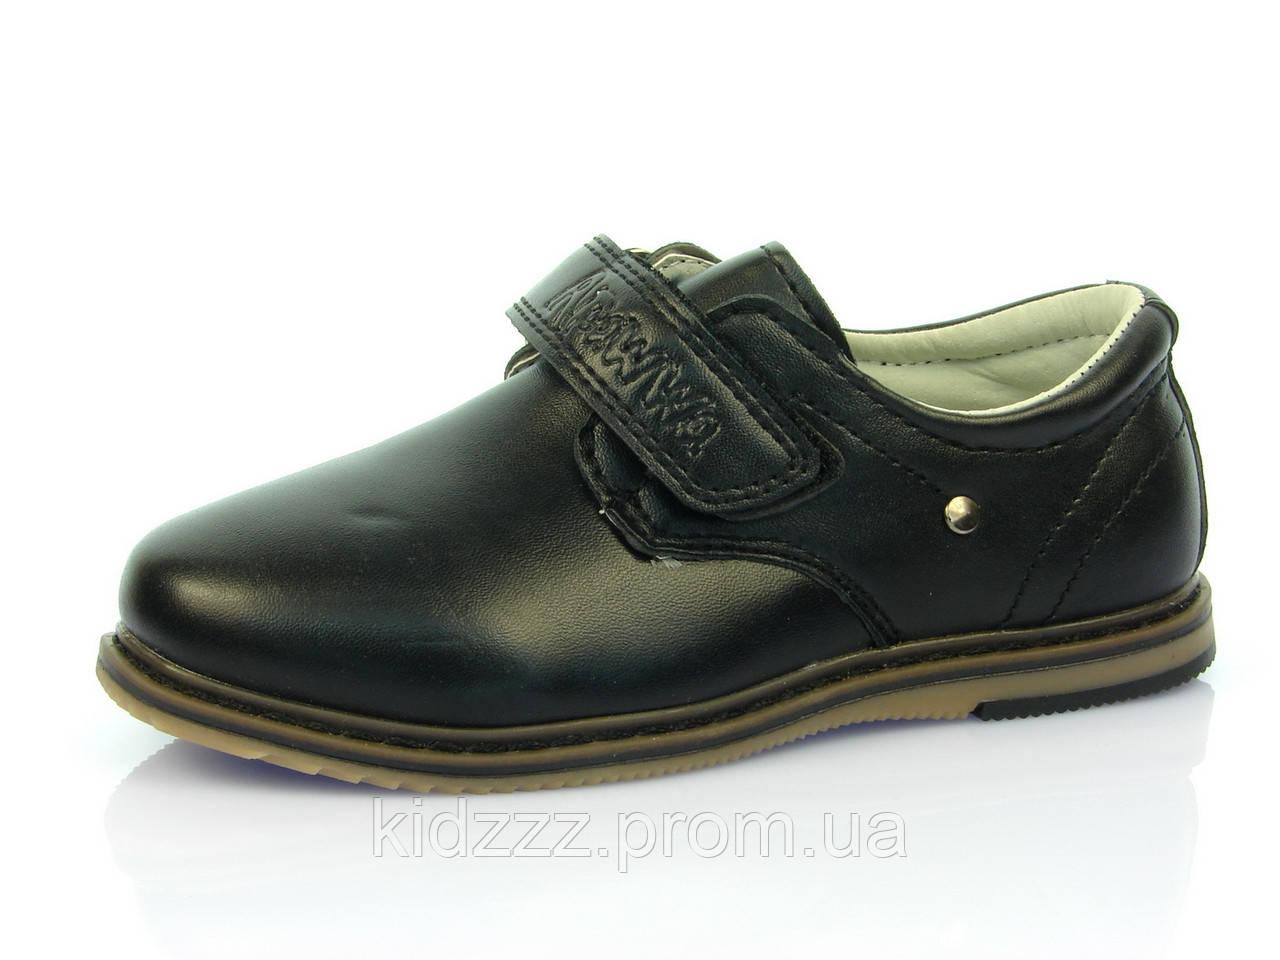 Туфли школьные Apawwa